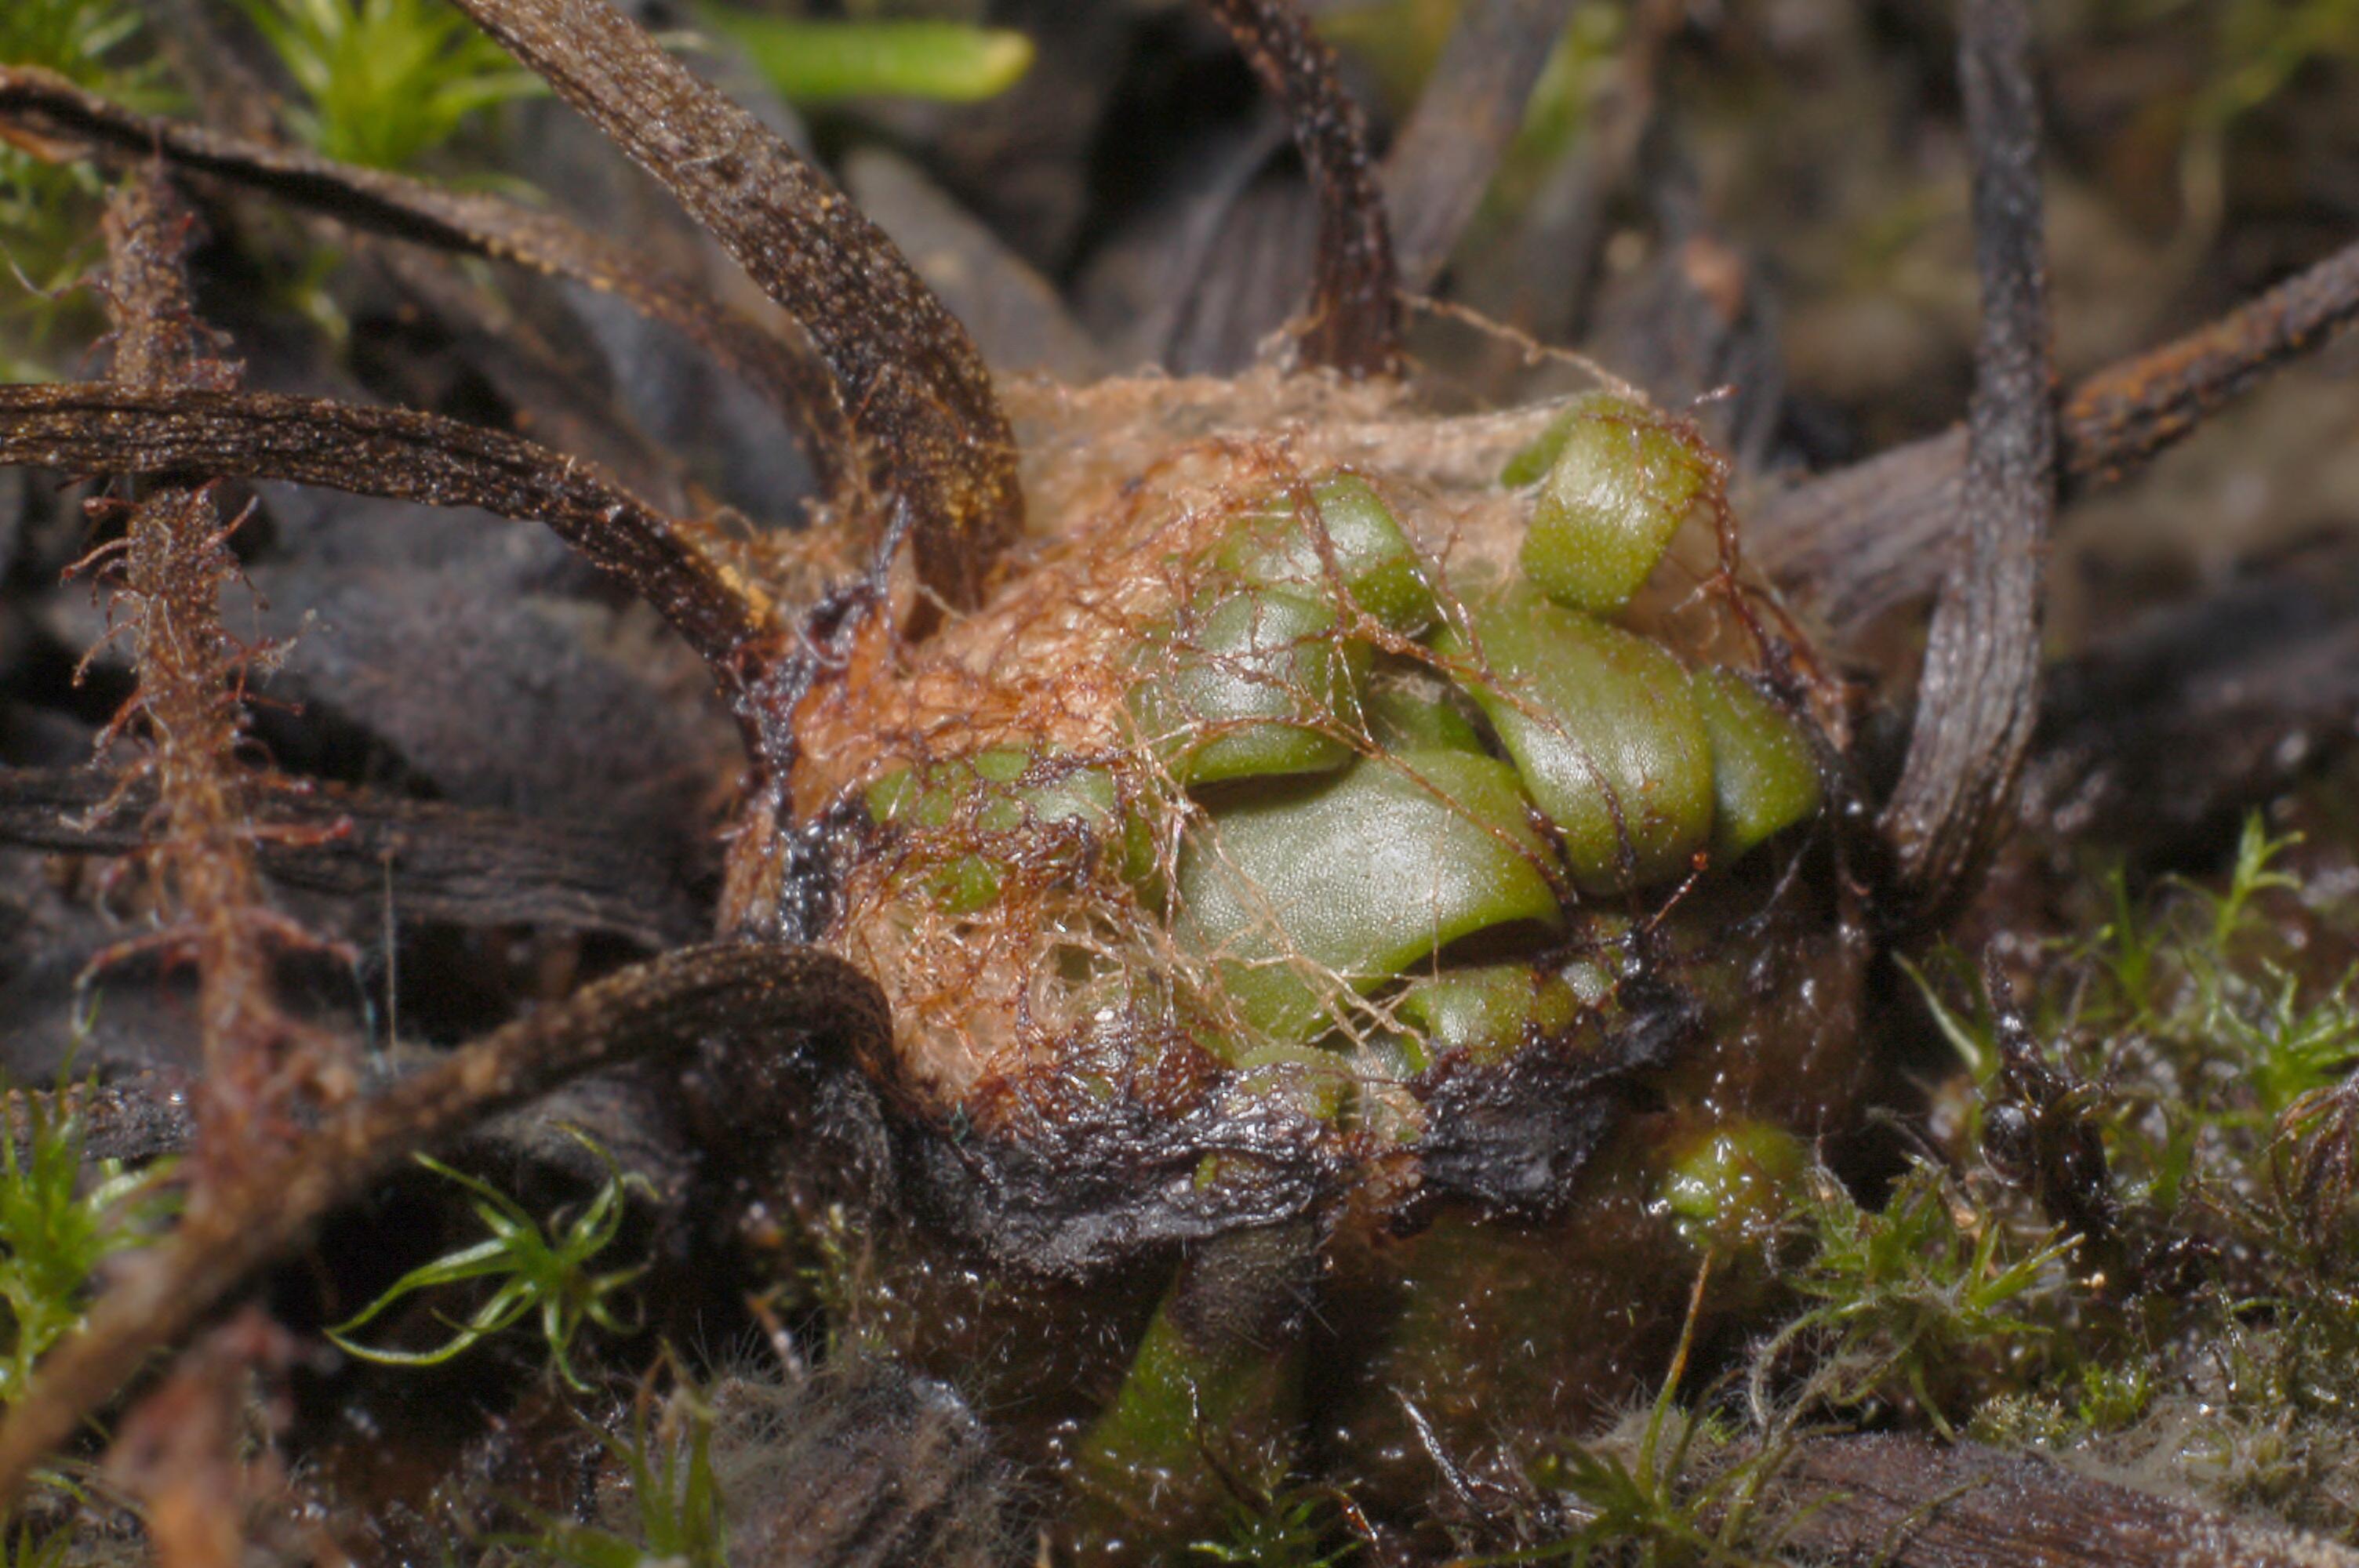 Drosera filiformis hibernacula Darwiniana.jpg